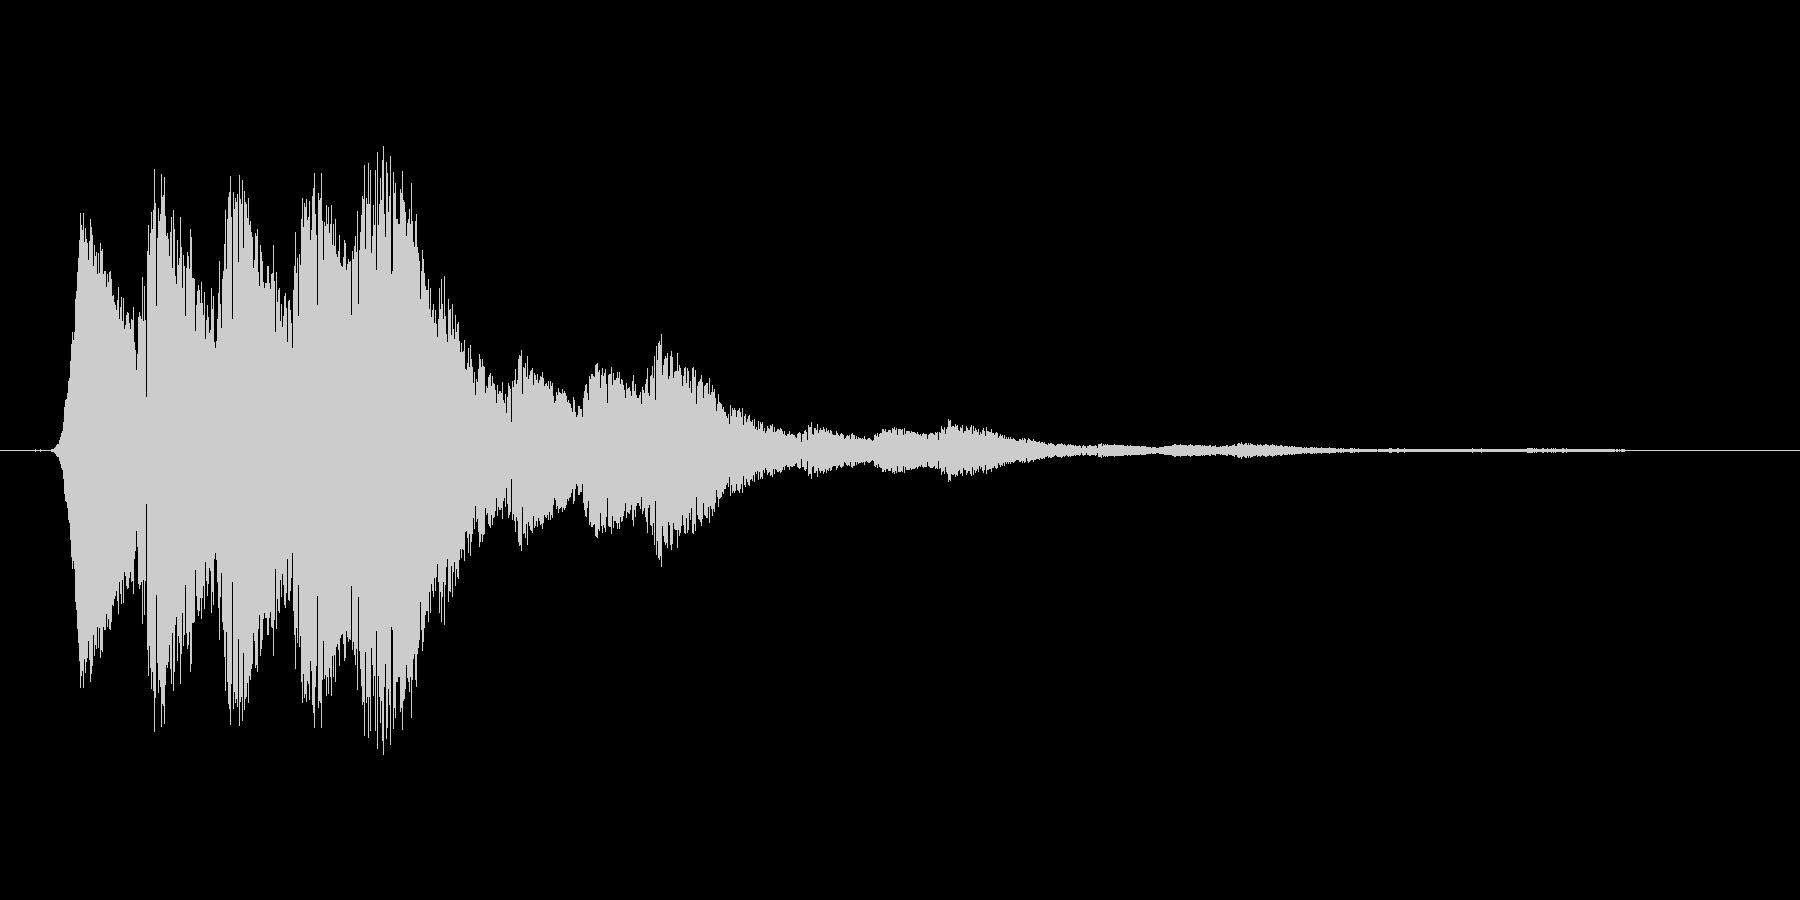 ファミコン風効果音 キャンセル系 01の未再生の波形